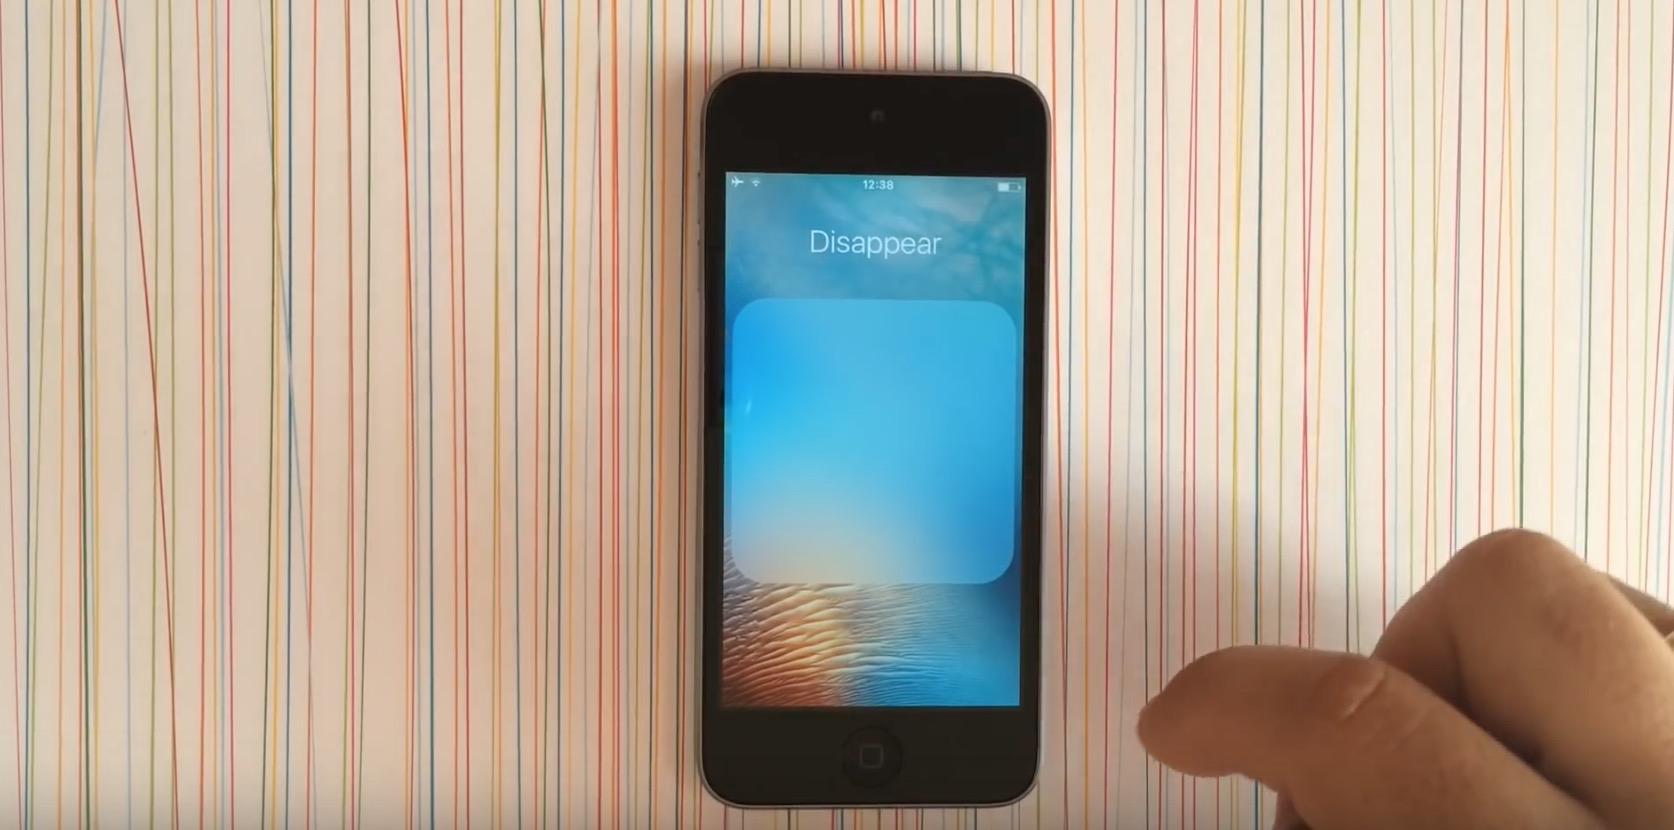 Applicazioni di serie su iOS 9, un trucco per nasconderle